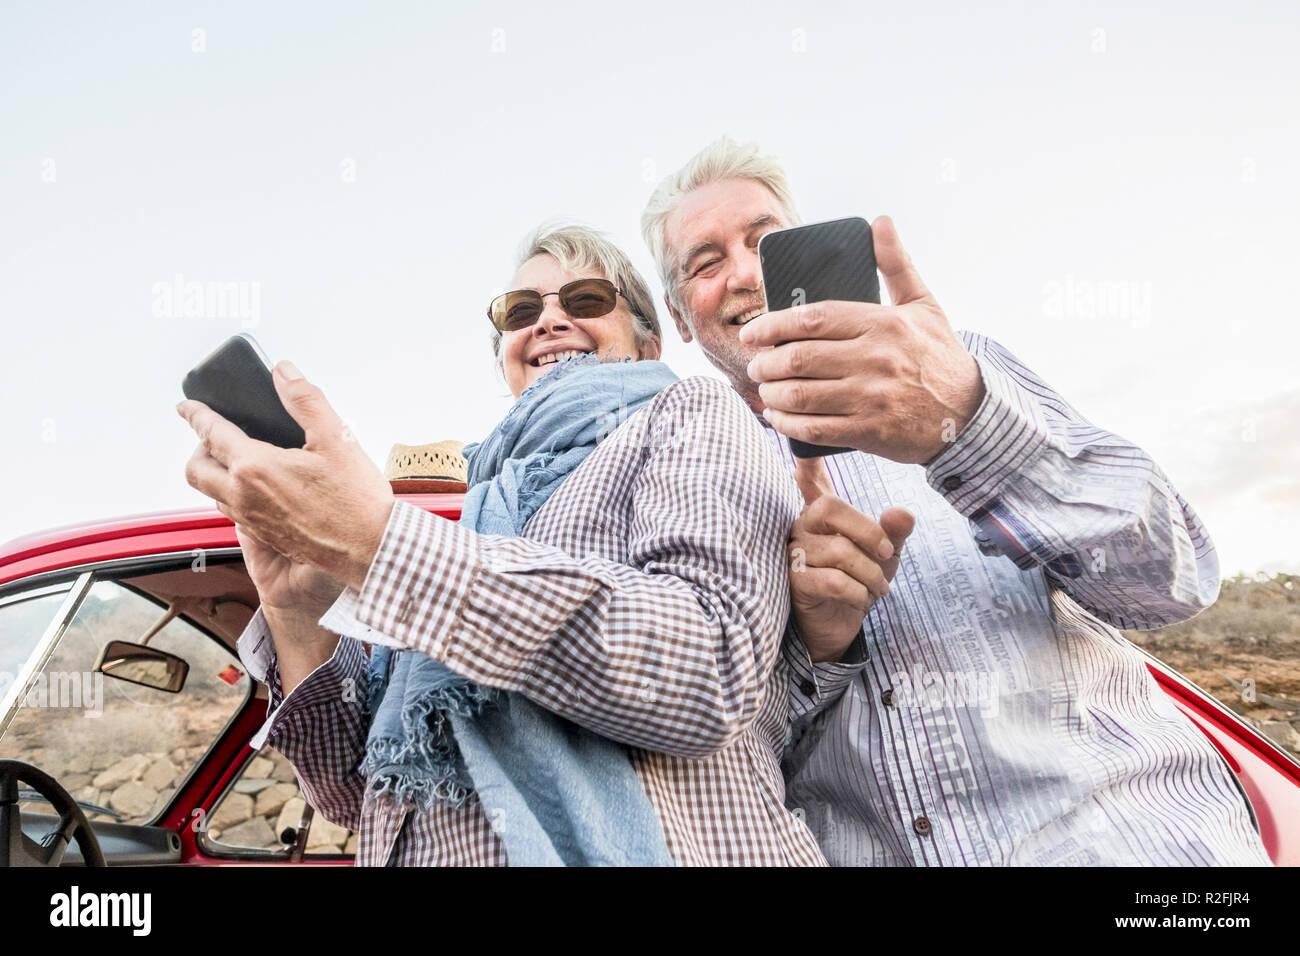 Alternative Sicht von der Unterseite für jugendliches Senior paar Kaukasier, Sie Ihr Smartphone, um Fotos zu machen und eine Verbindung zu Internet. Reisen und Ferien Sommer Konzept für fröhliche Menschen Stockbild